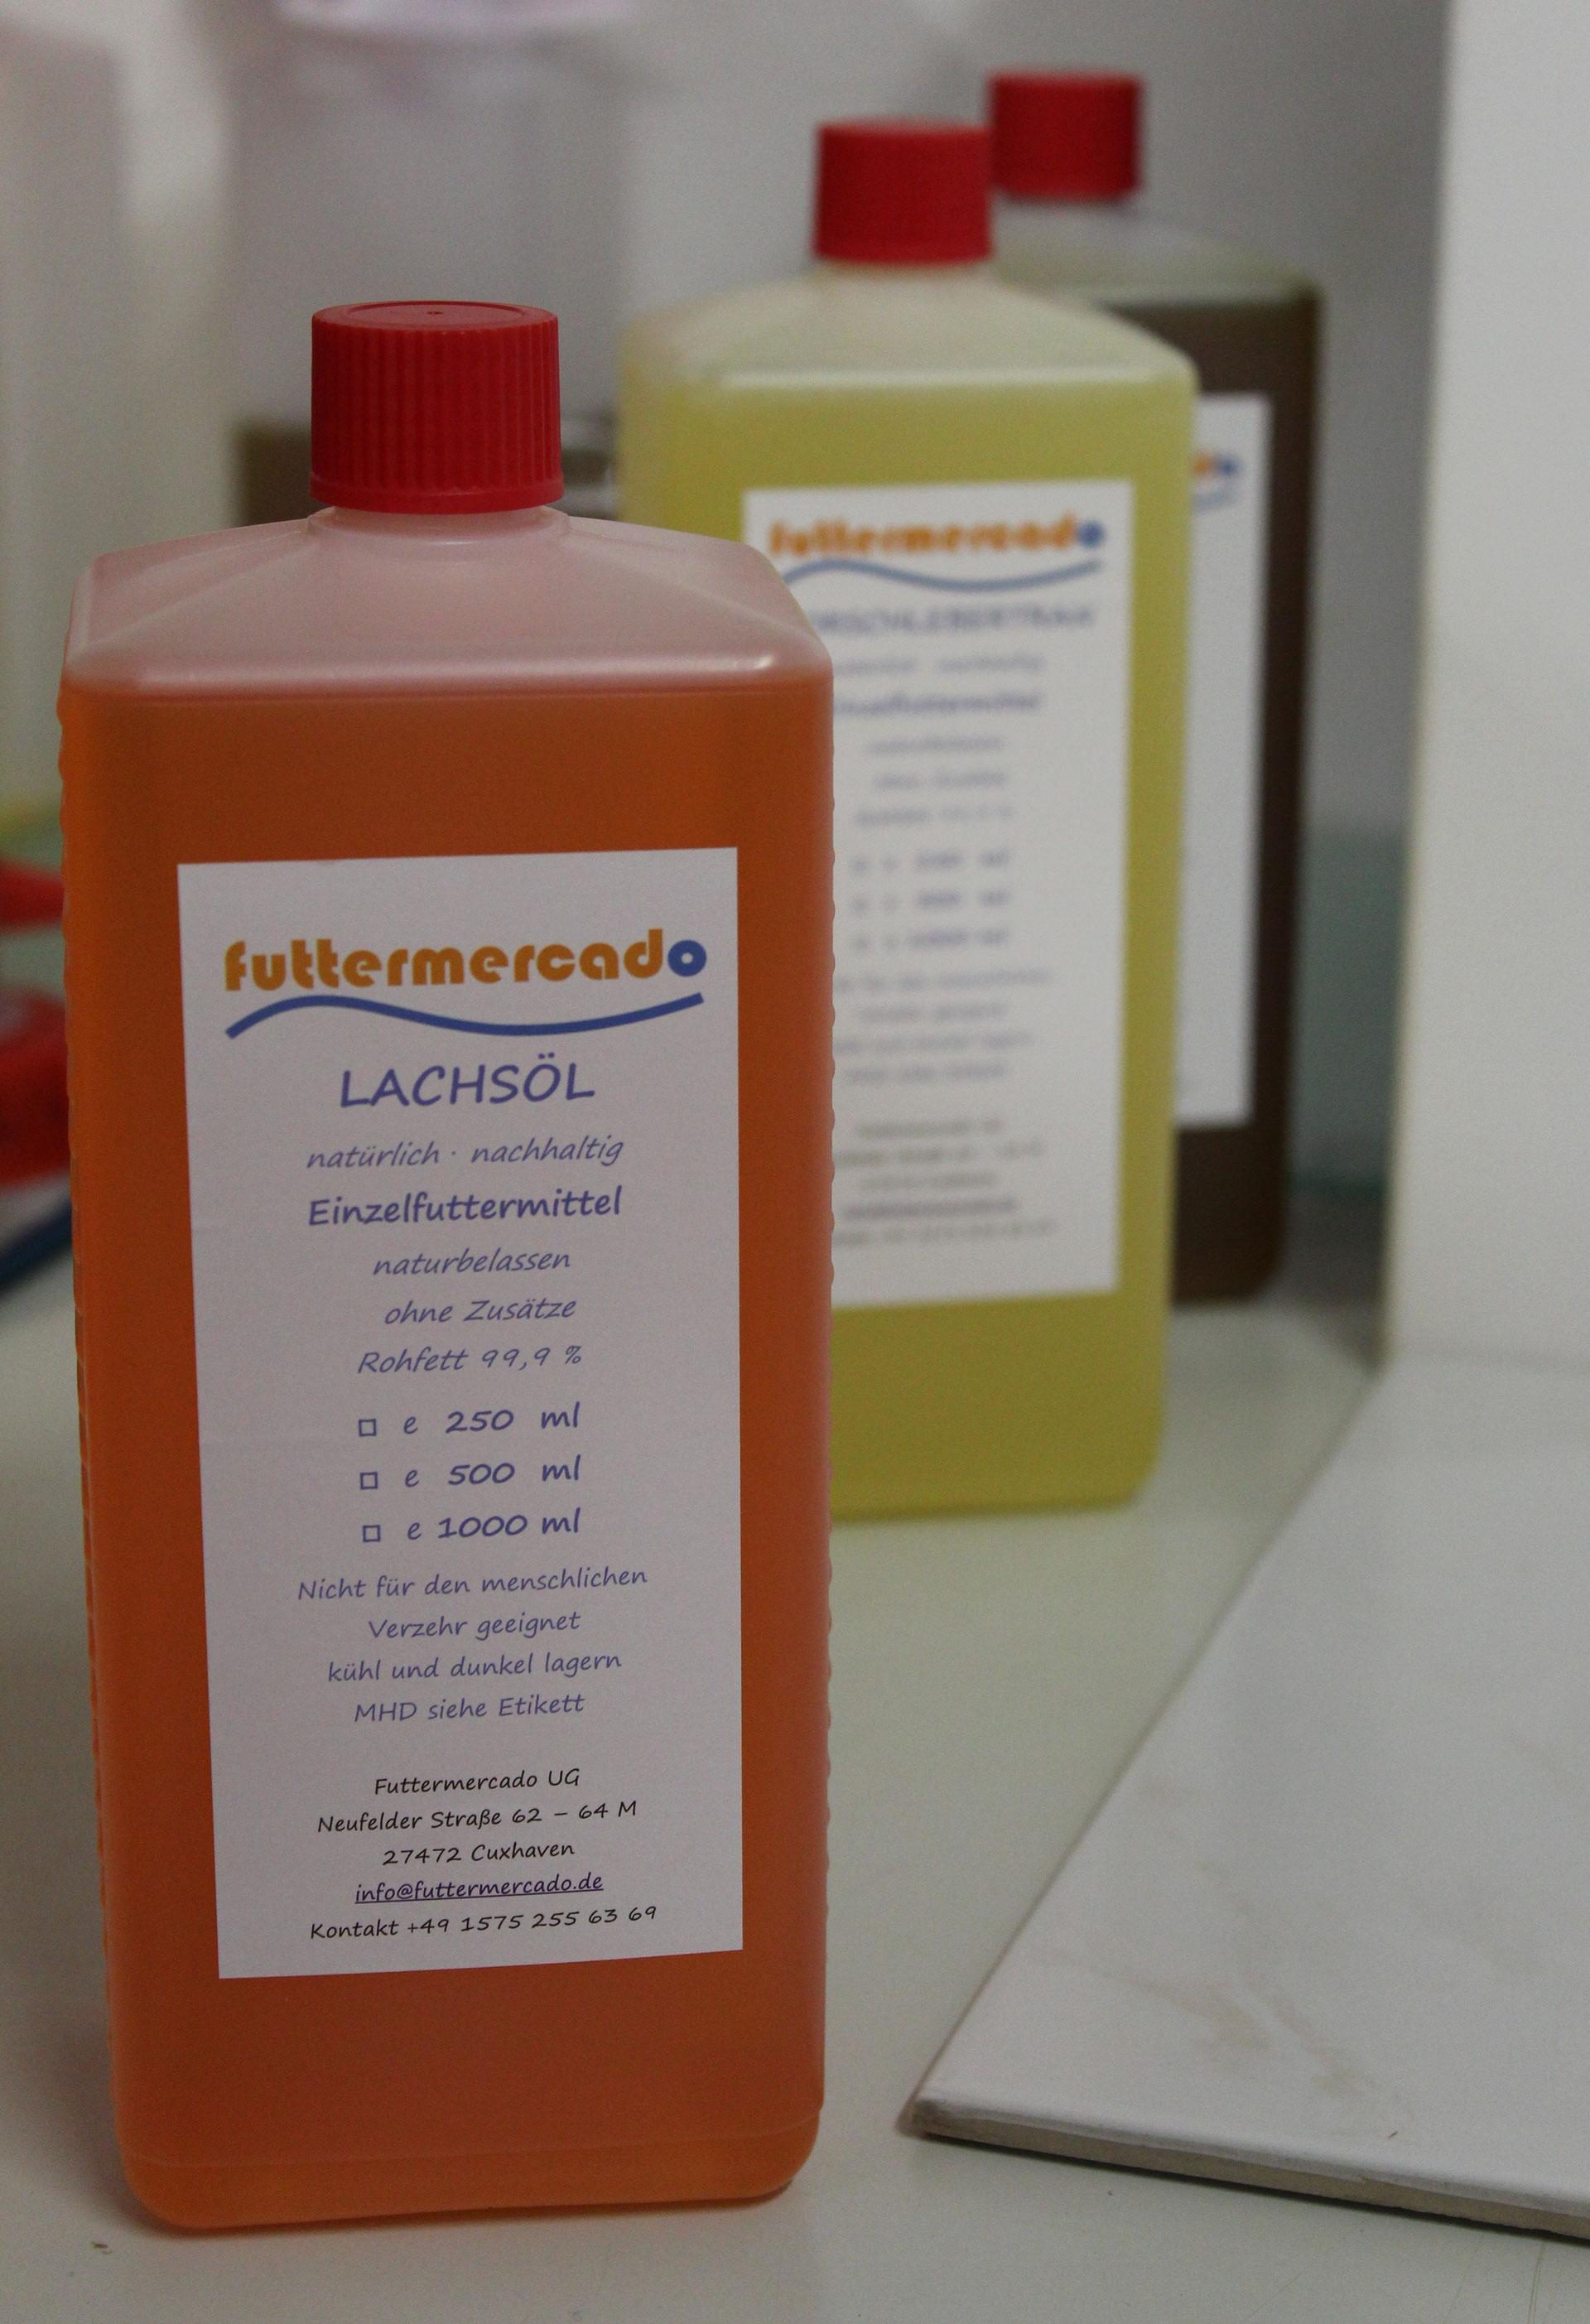 futtermercado - Lachsöl für Hunde und Katzen, der Lachsölexperte für ...